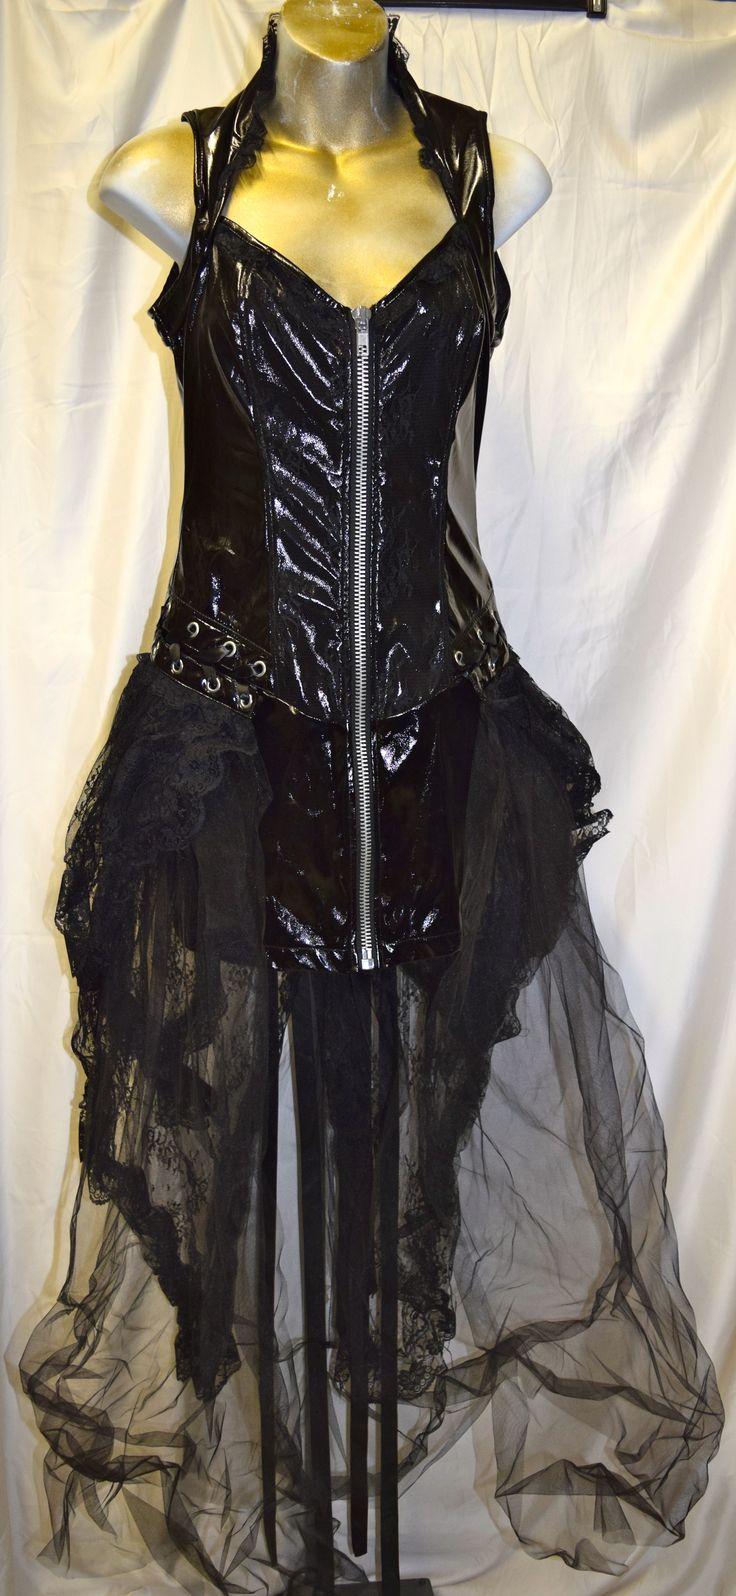 Vintage Lip Service PVC & Lace Corset Gothic Dress Small